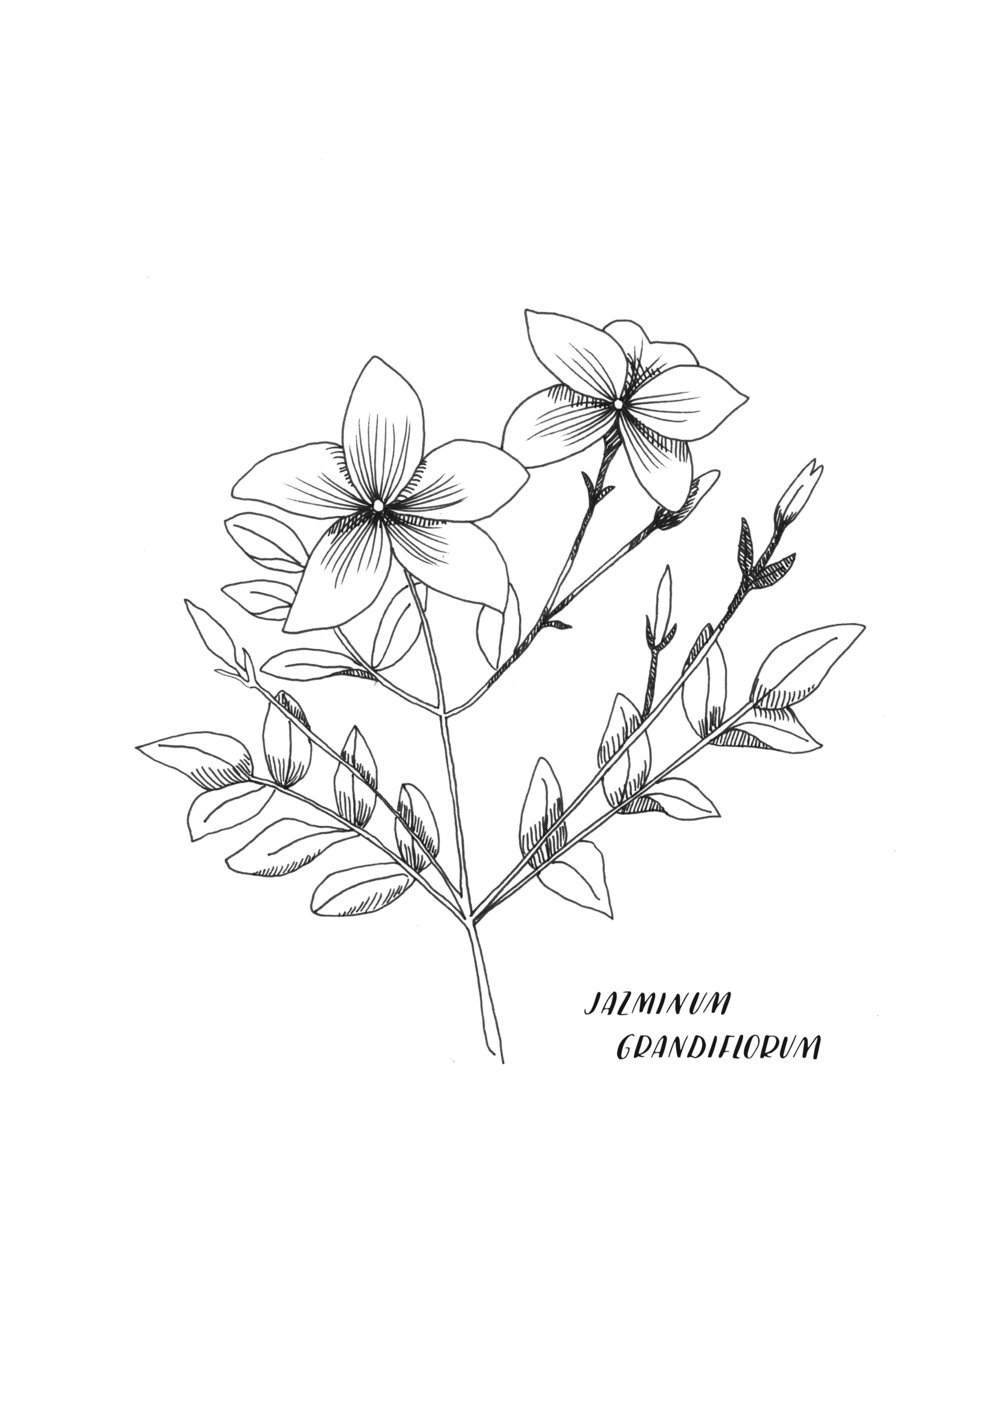 A4 ORIGINAL Jazminum Grandiflorum.jpg